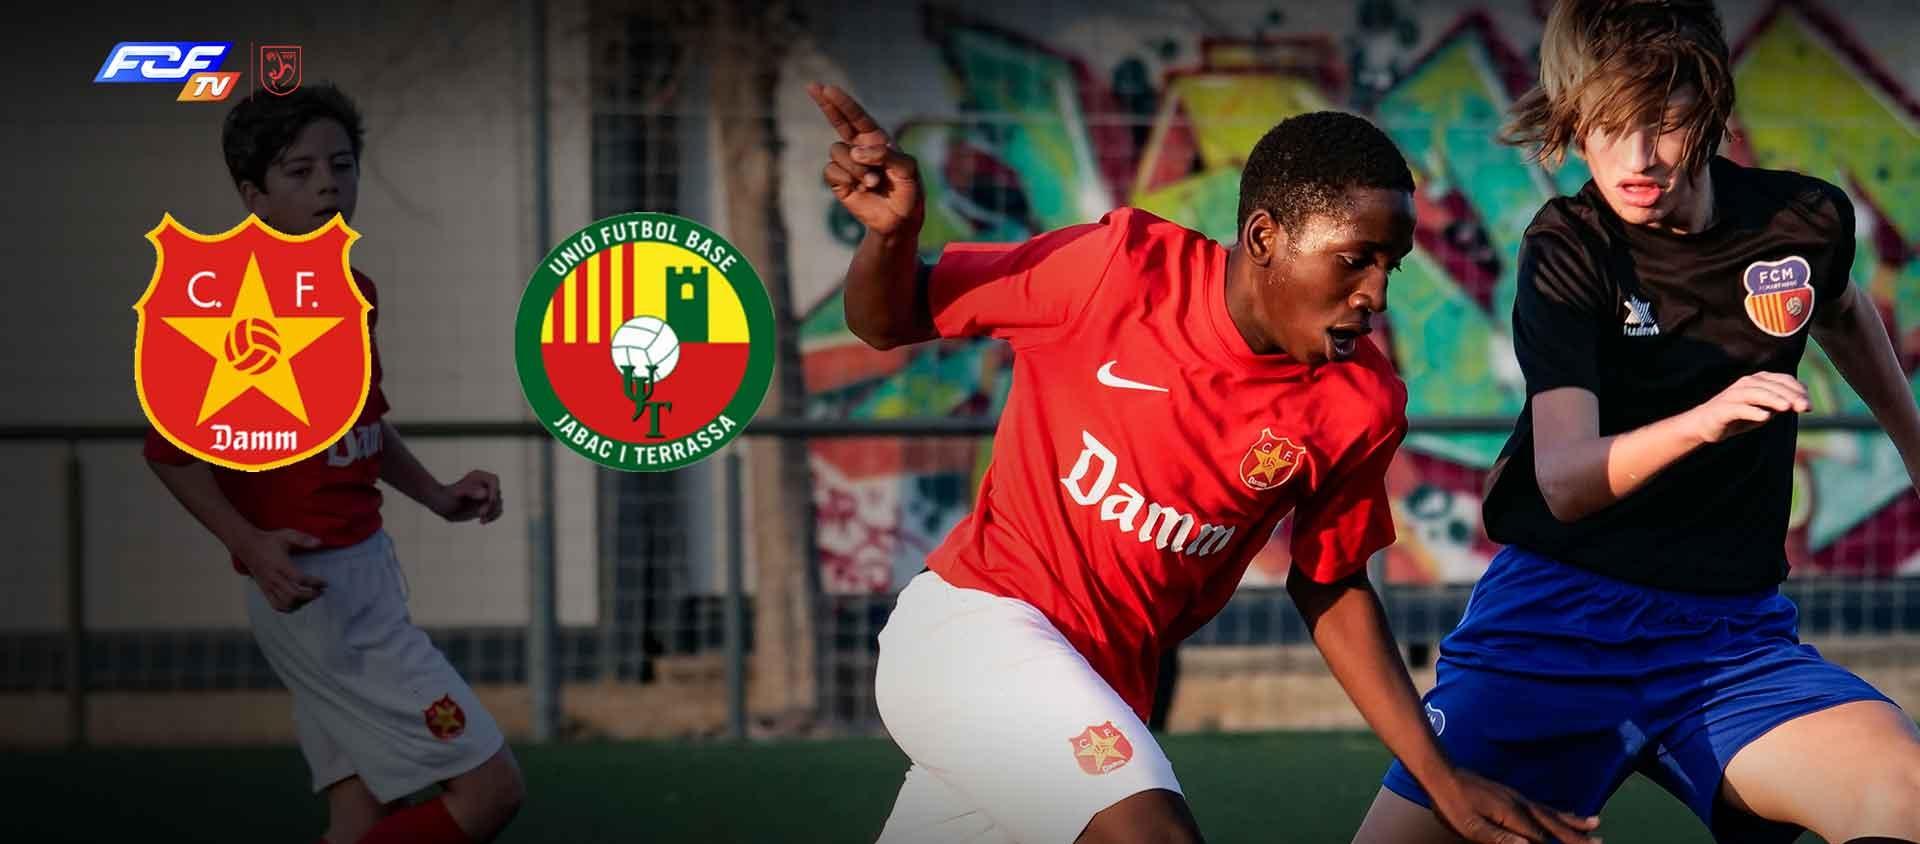 El CF Damm-UFB Jàbac i Terrassa, primer partit Infantil que retransmestrà l'FCF TV